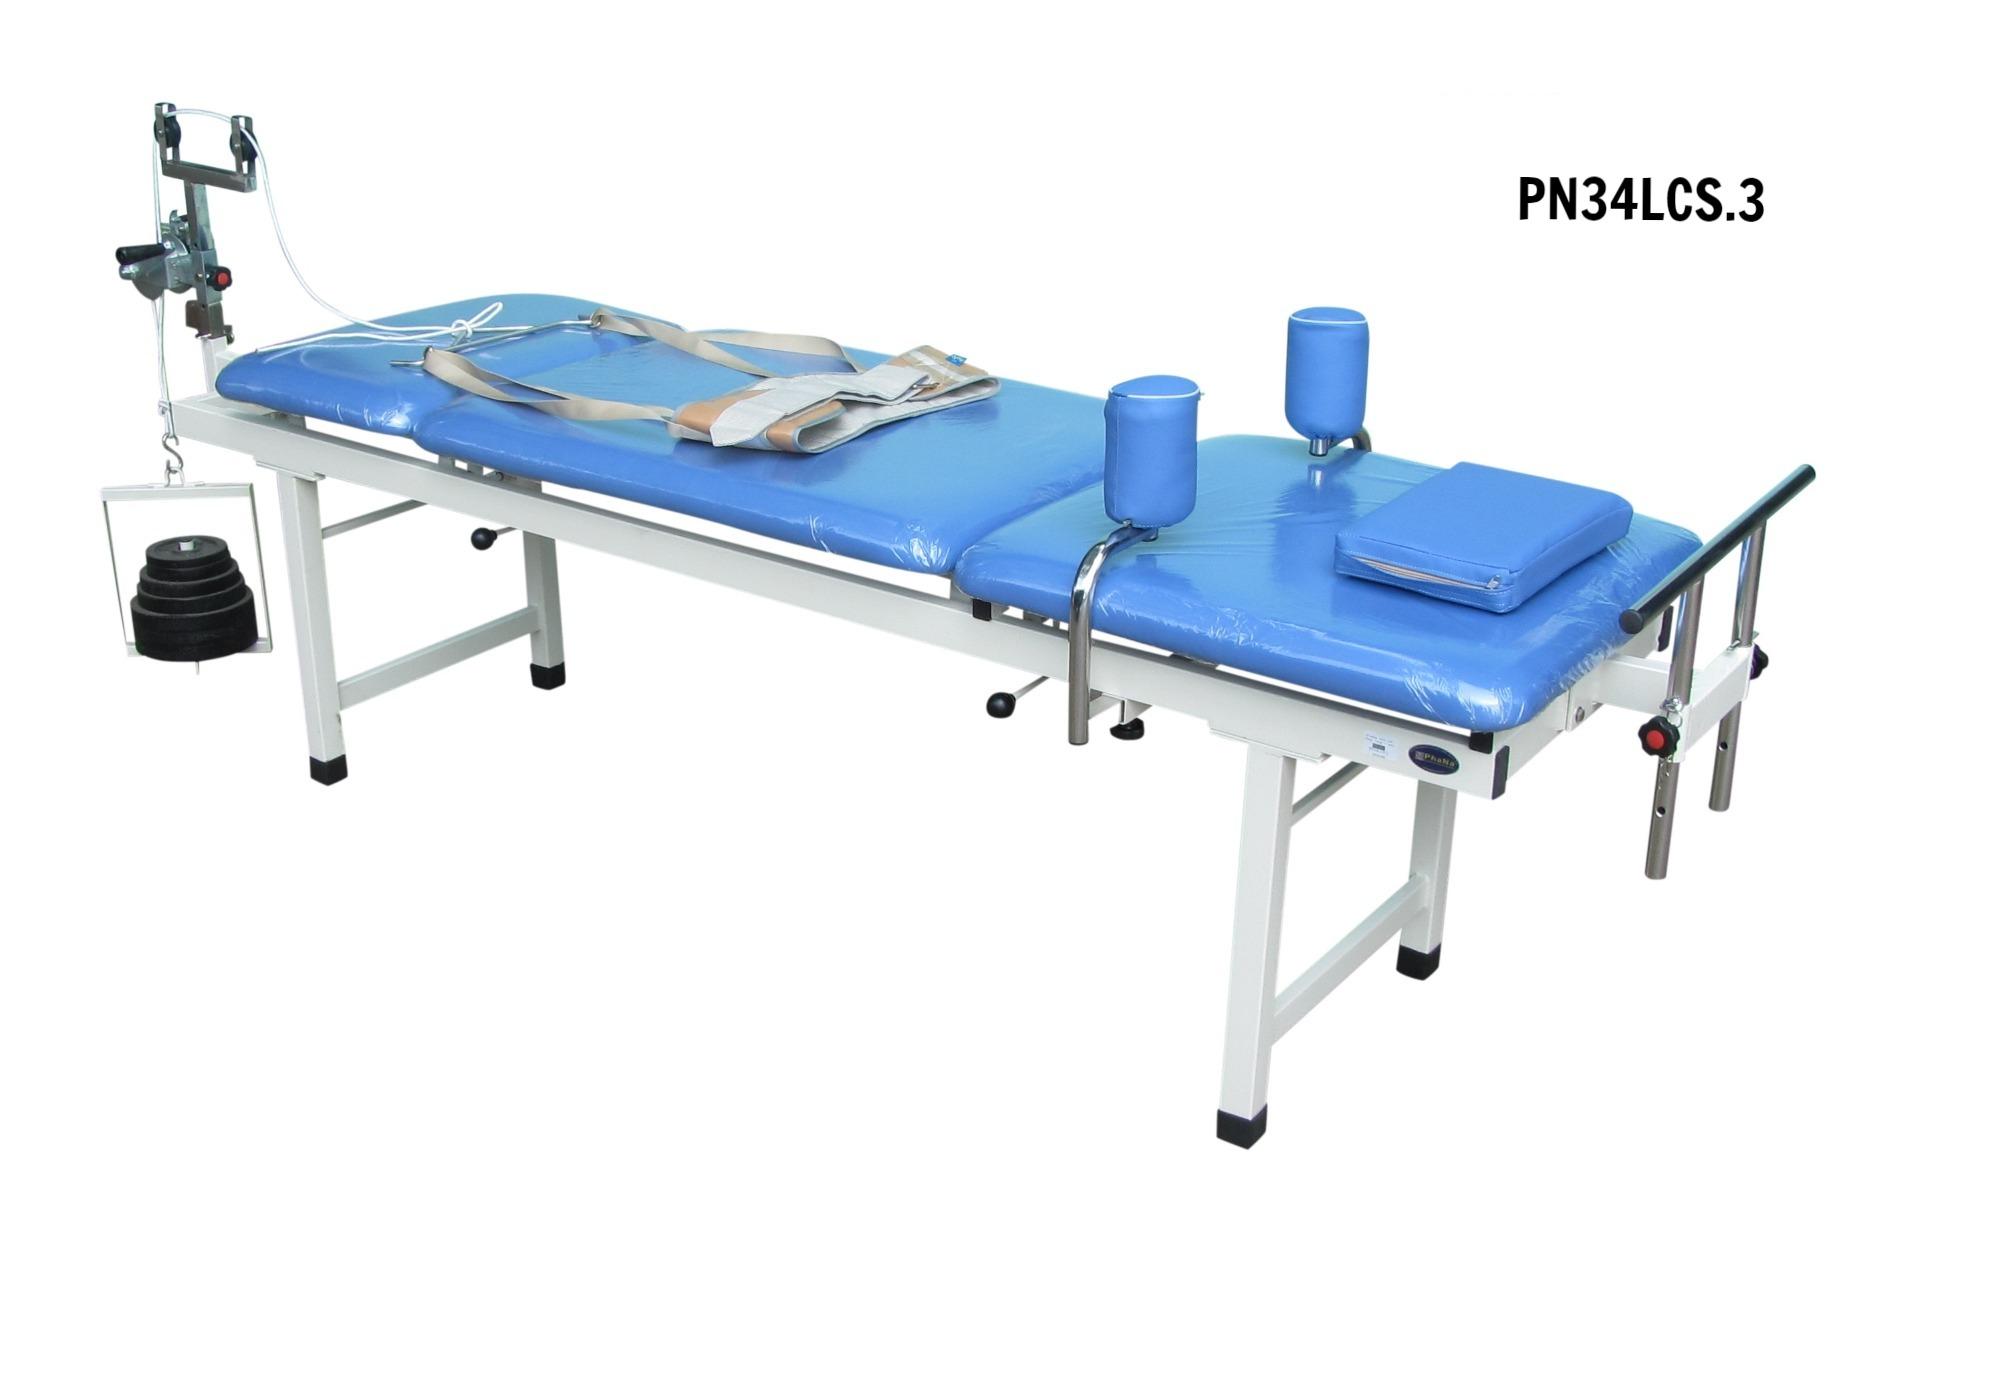 PN34LCS.3 - Giường kéo cột sống lưng + kéo cổ M3 (sắt) - PHCN loại mới